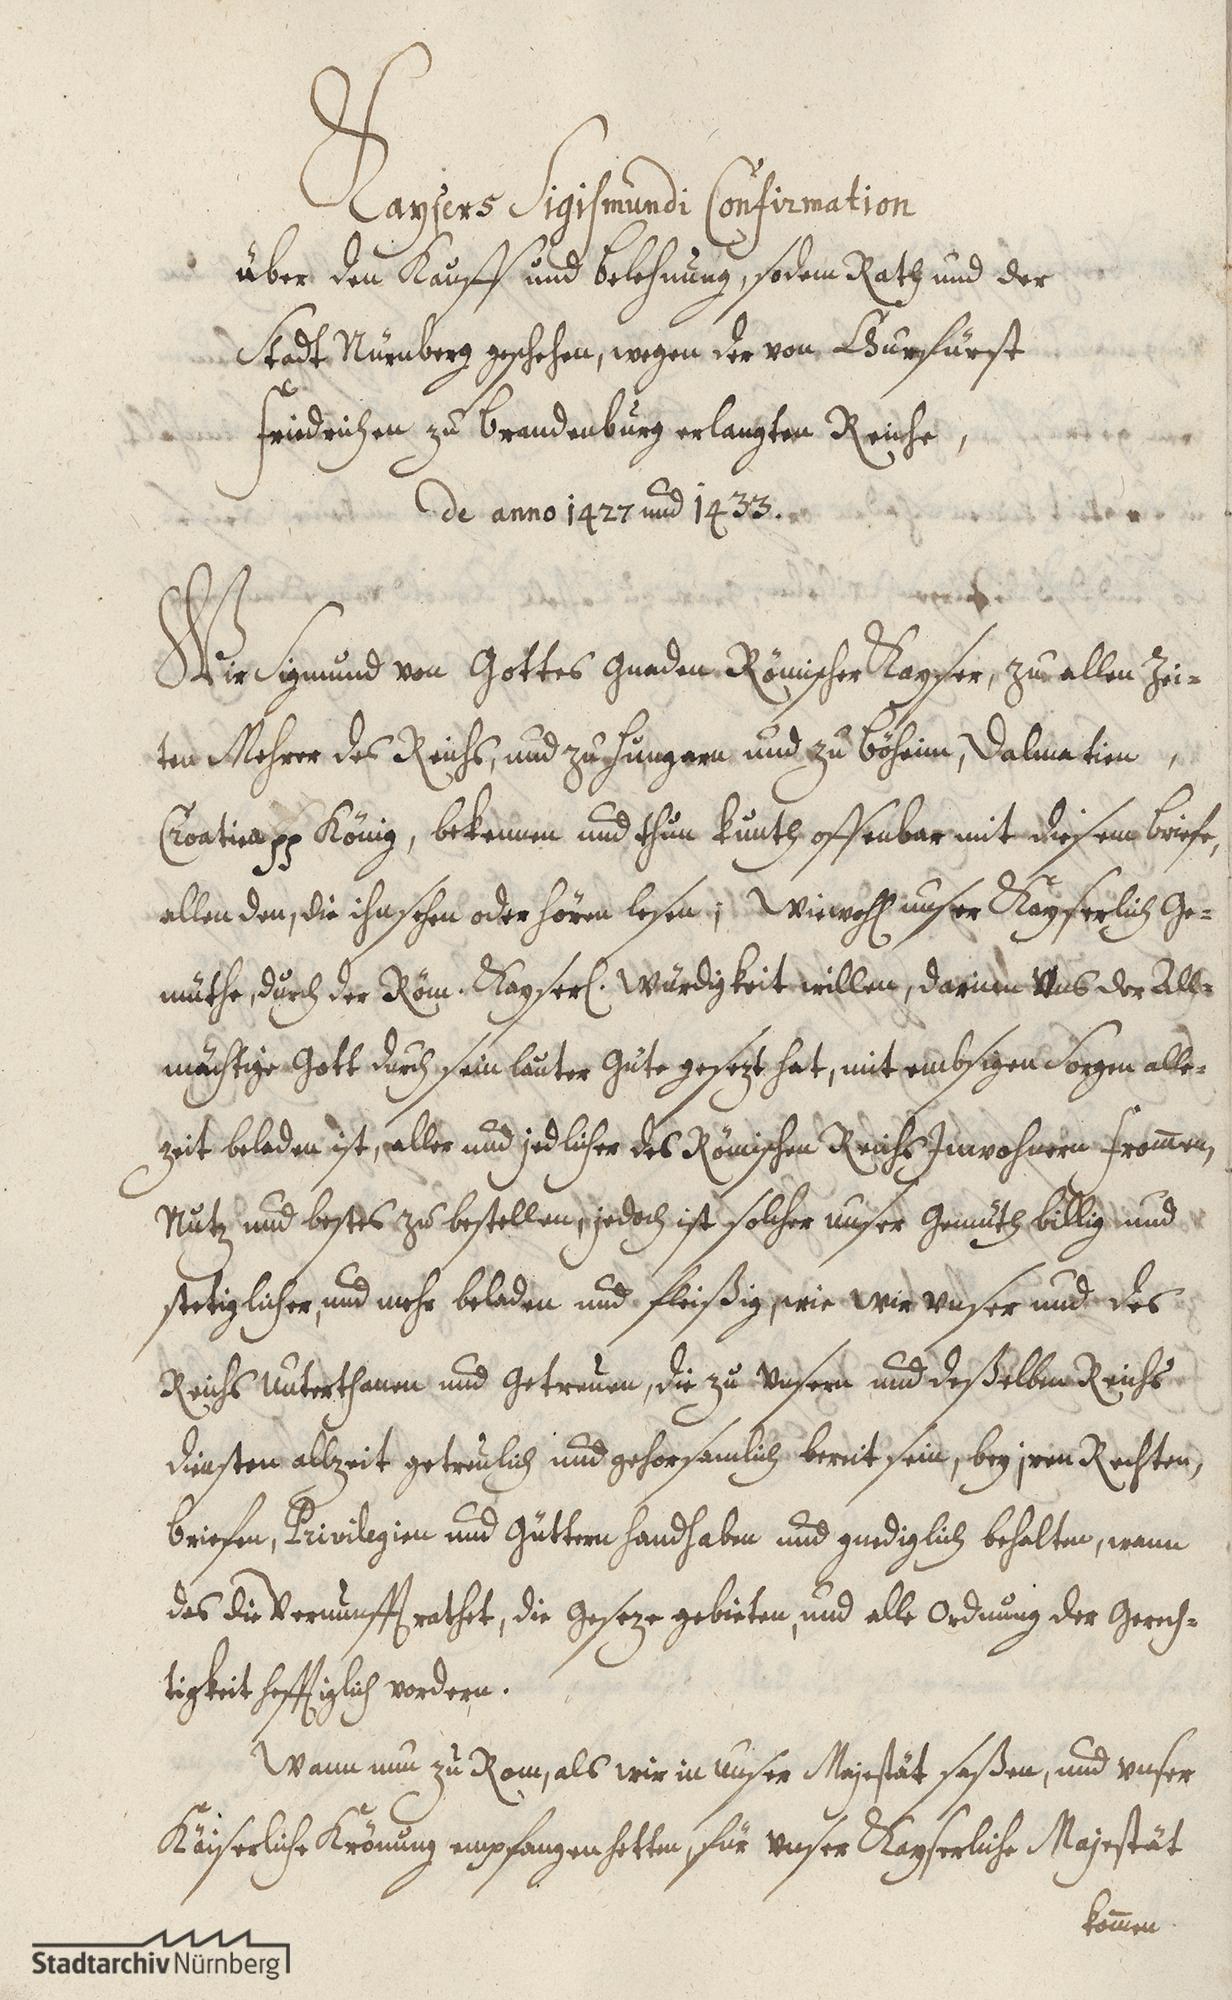 Abschrift der Bestätigungsurkunde Kaiser Sigismunds von 1433 für die Kaufbriefe über die Nürnberger Burg und die Rechte am Nürnberger Wald von 1427